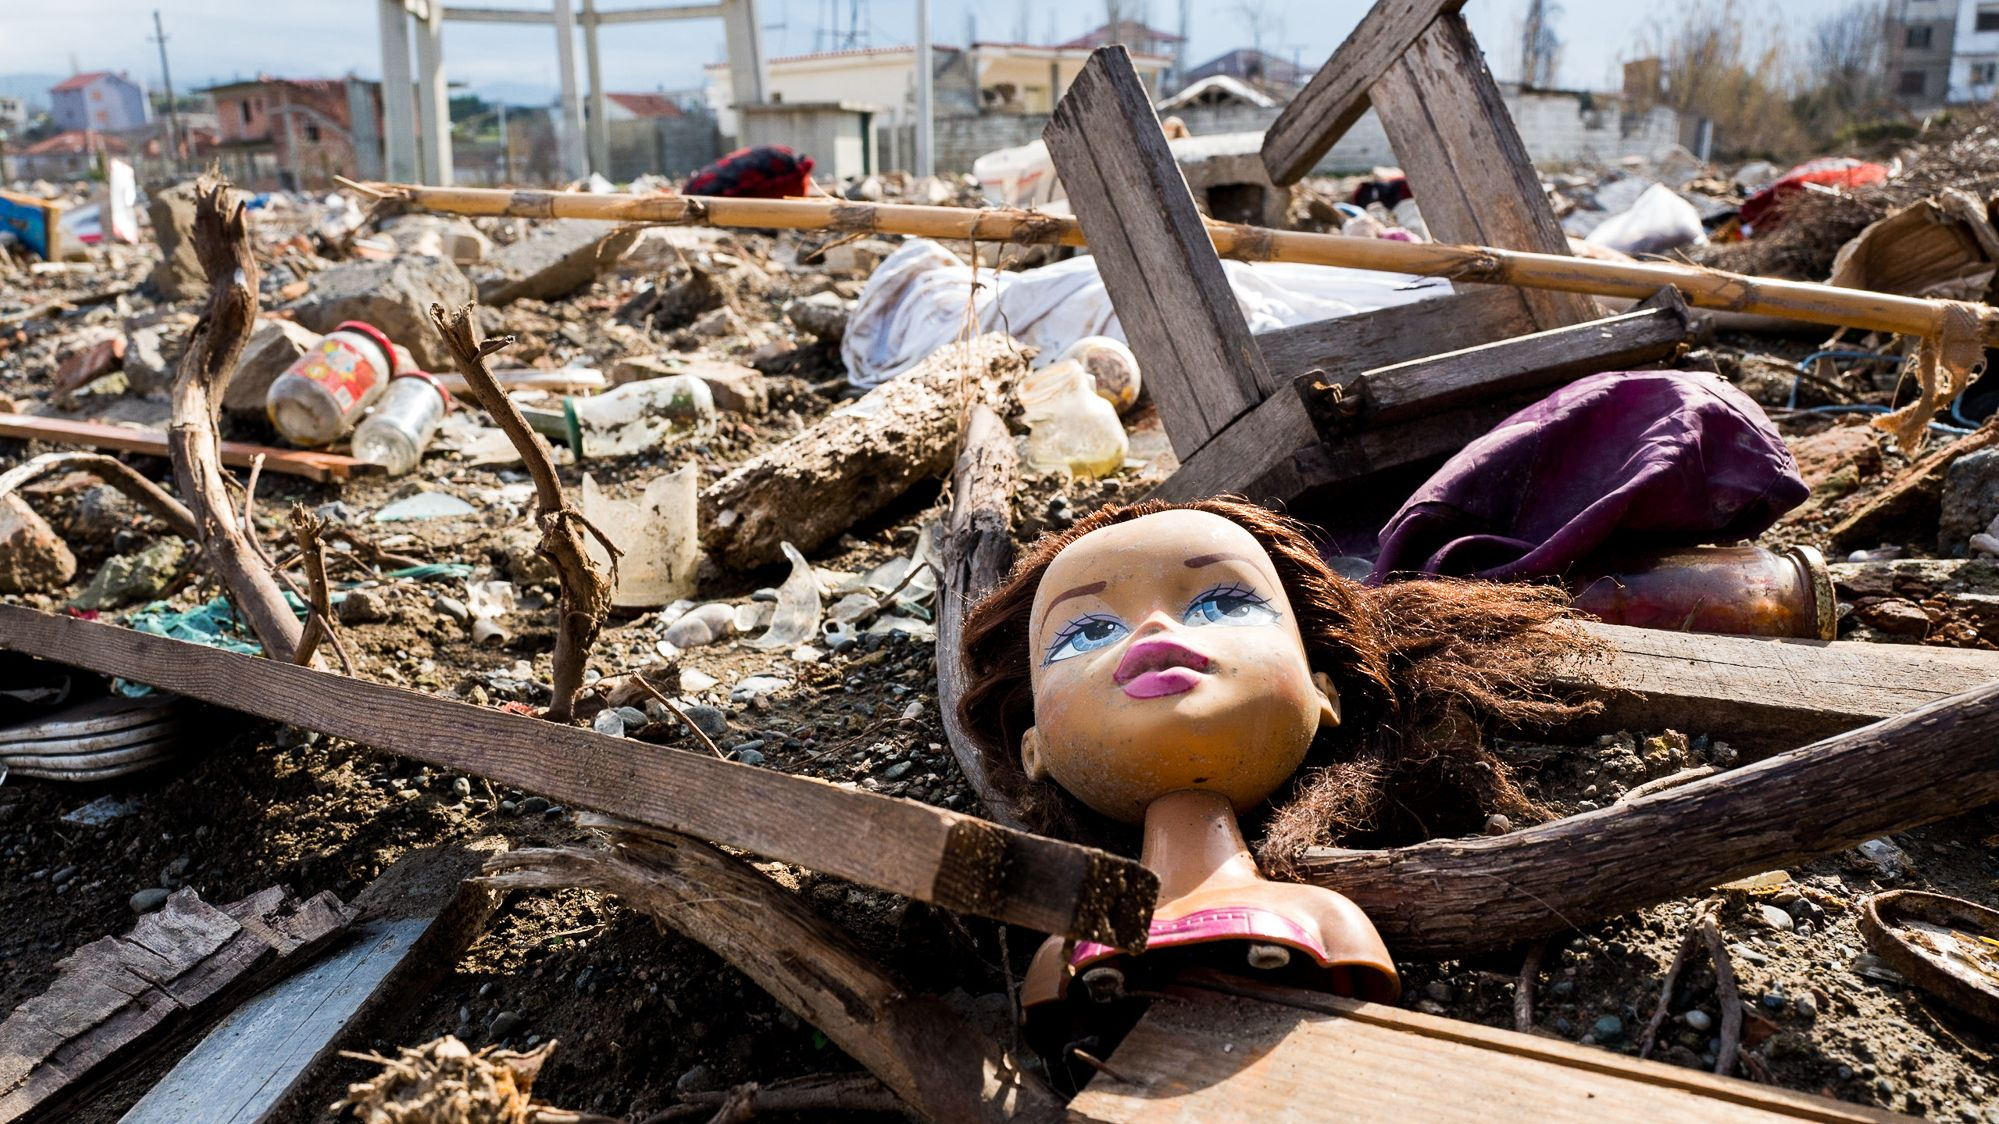 Ein Puppenkopf liegt auf einem Trümmerhaufen im albanischen Thumana. m 26. November 2019 erschütterte das wohl schwerste Erdbeben seit Jahrzehnten Albanien. 51 Menschen starben, fast 1000 wurden verletzt.